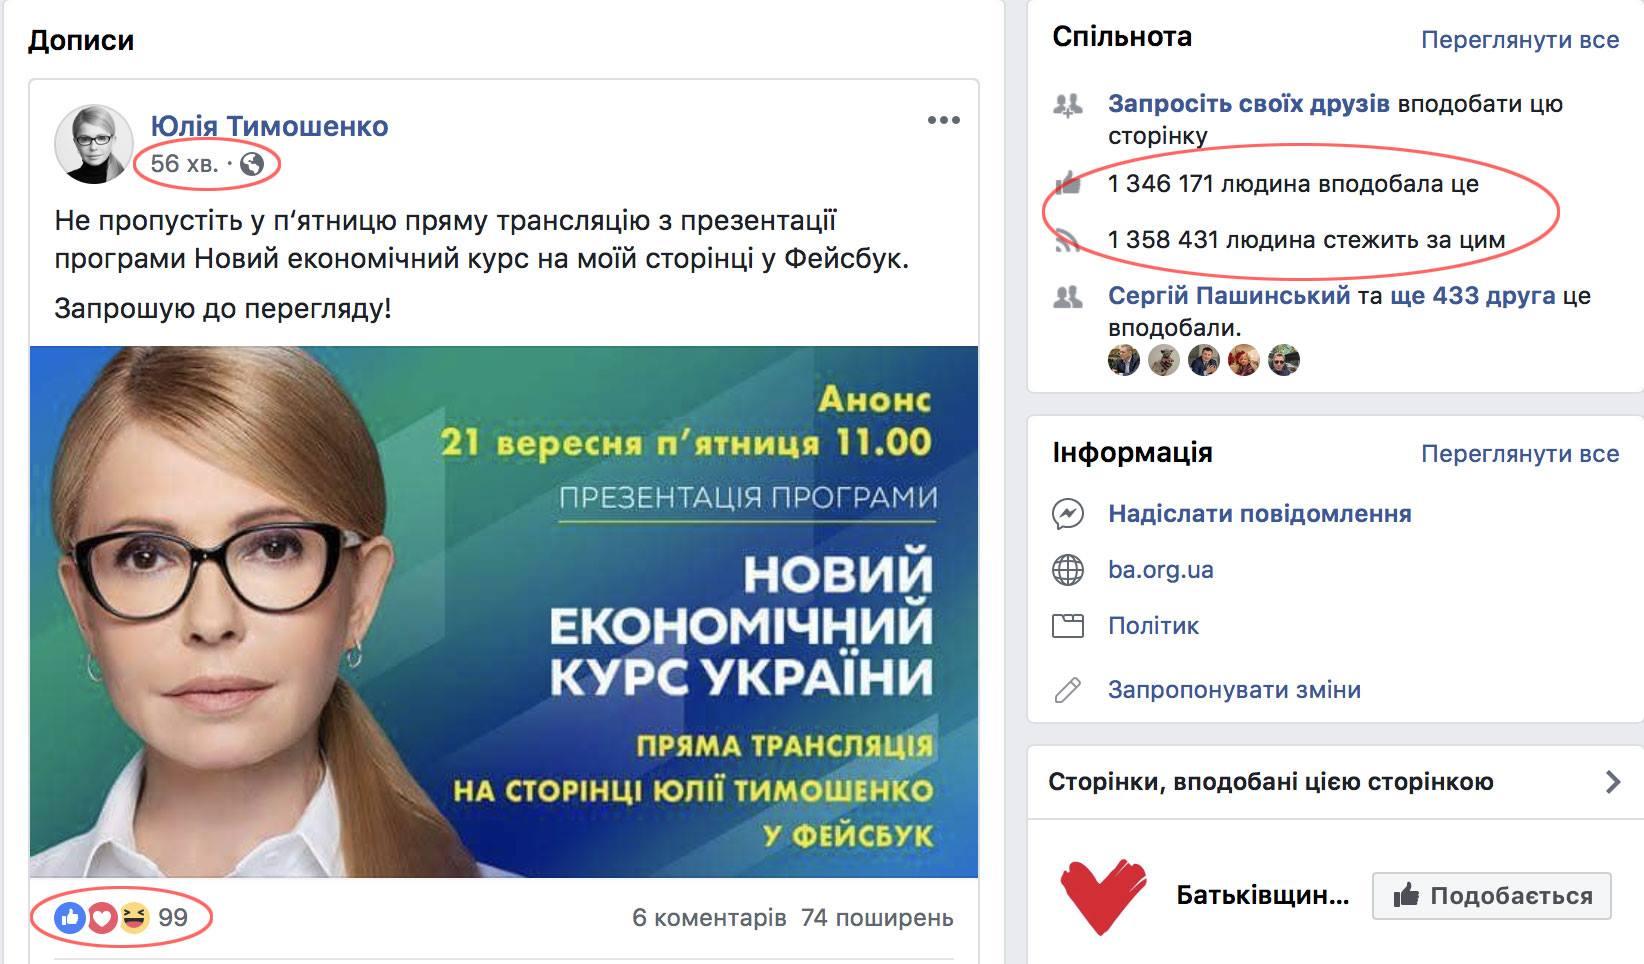 Рада призначила новий склад ЦВК - Цензор.НЕТ 8063